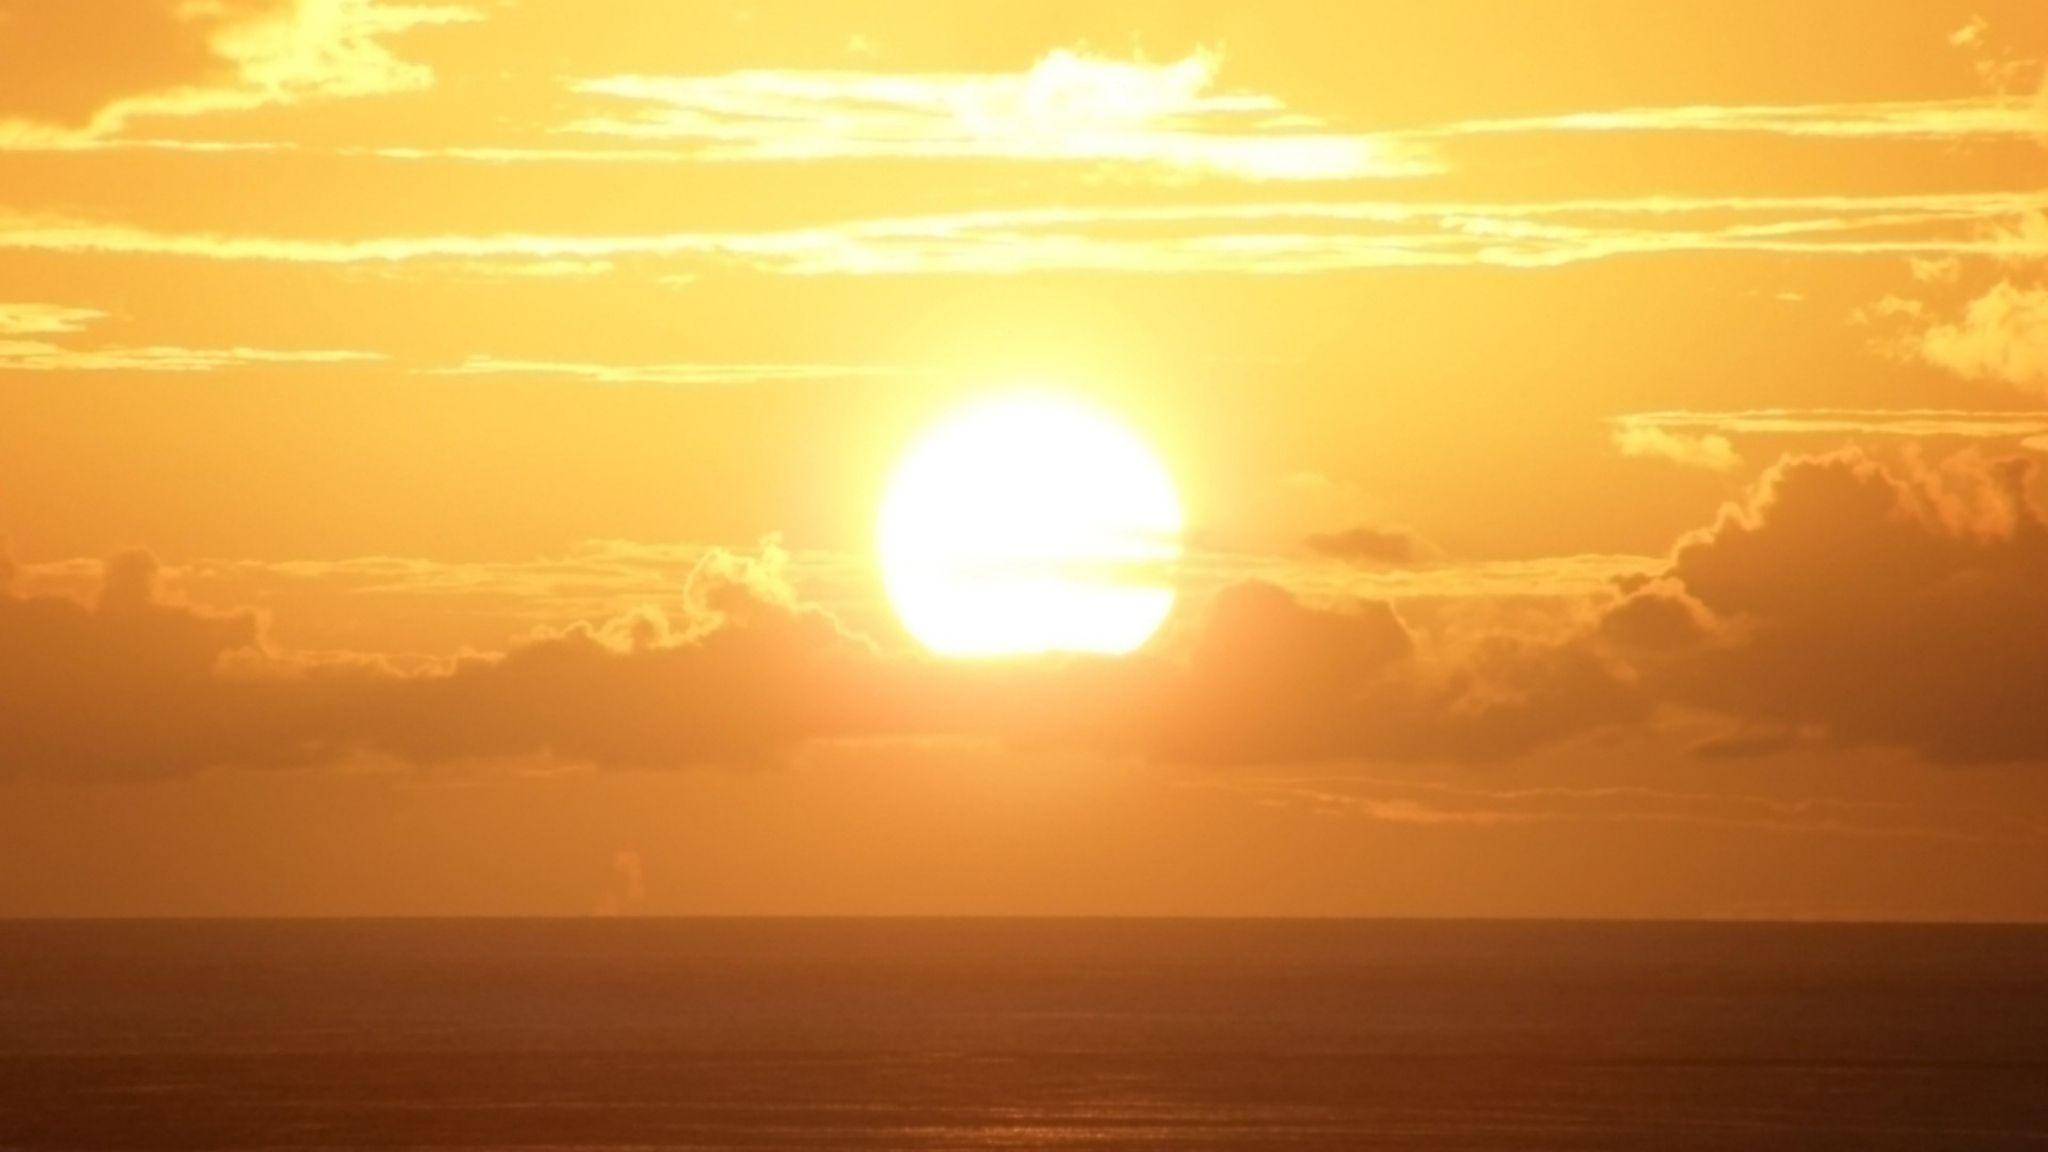 yellow sun - Pesquisa Google